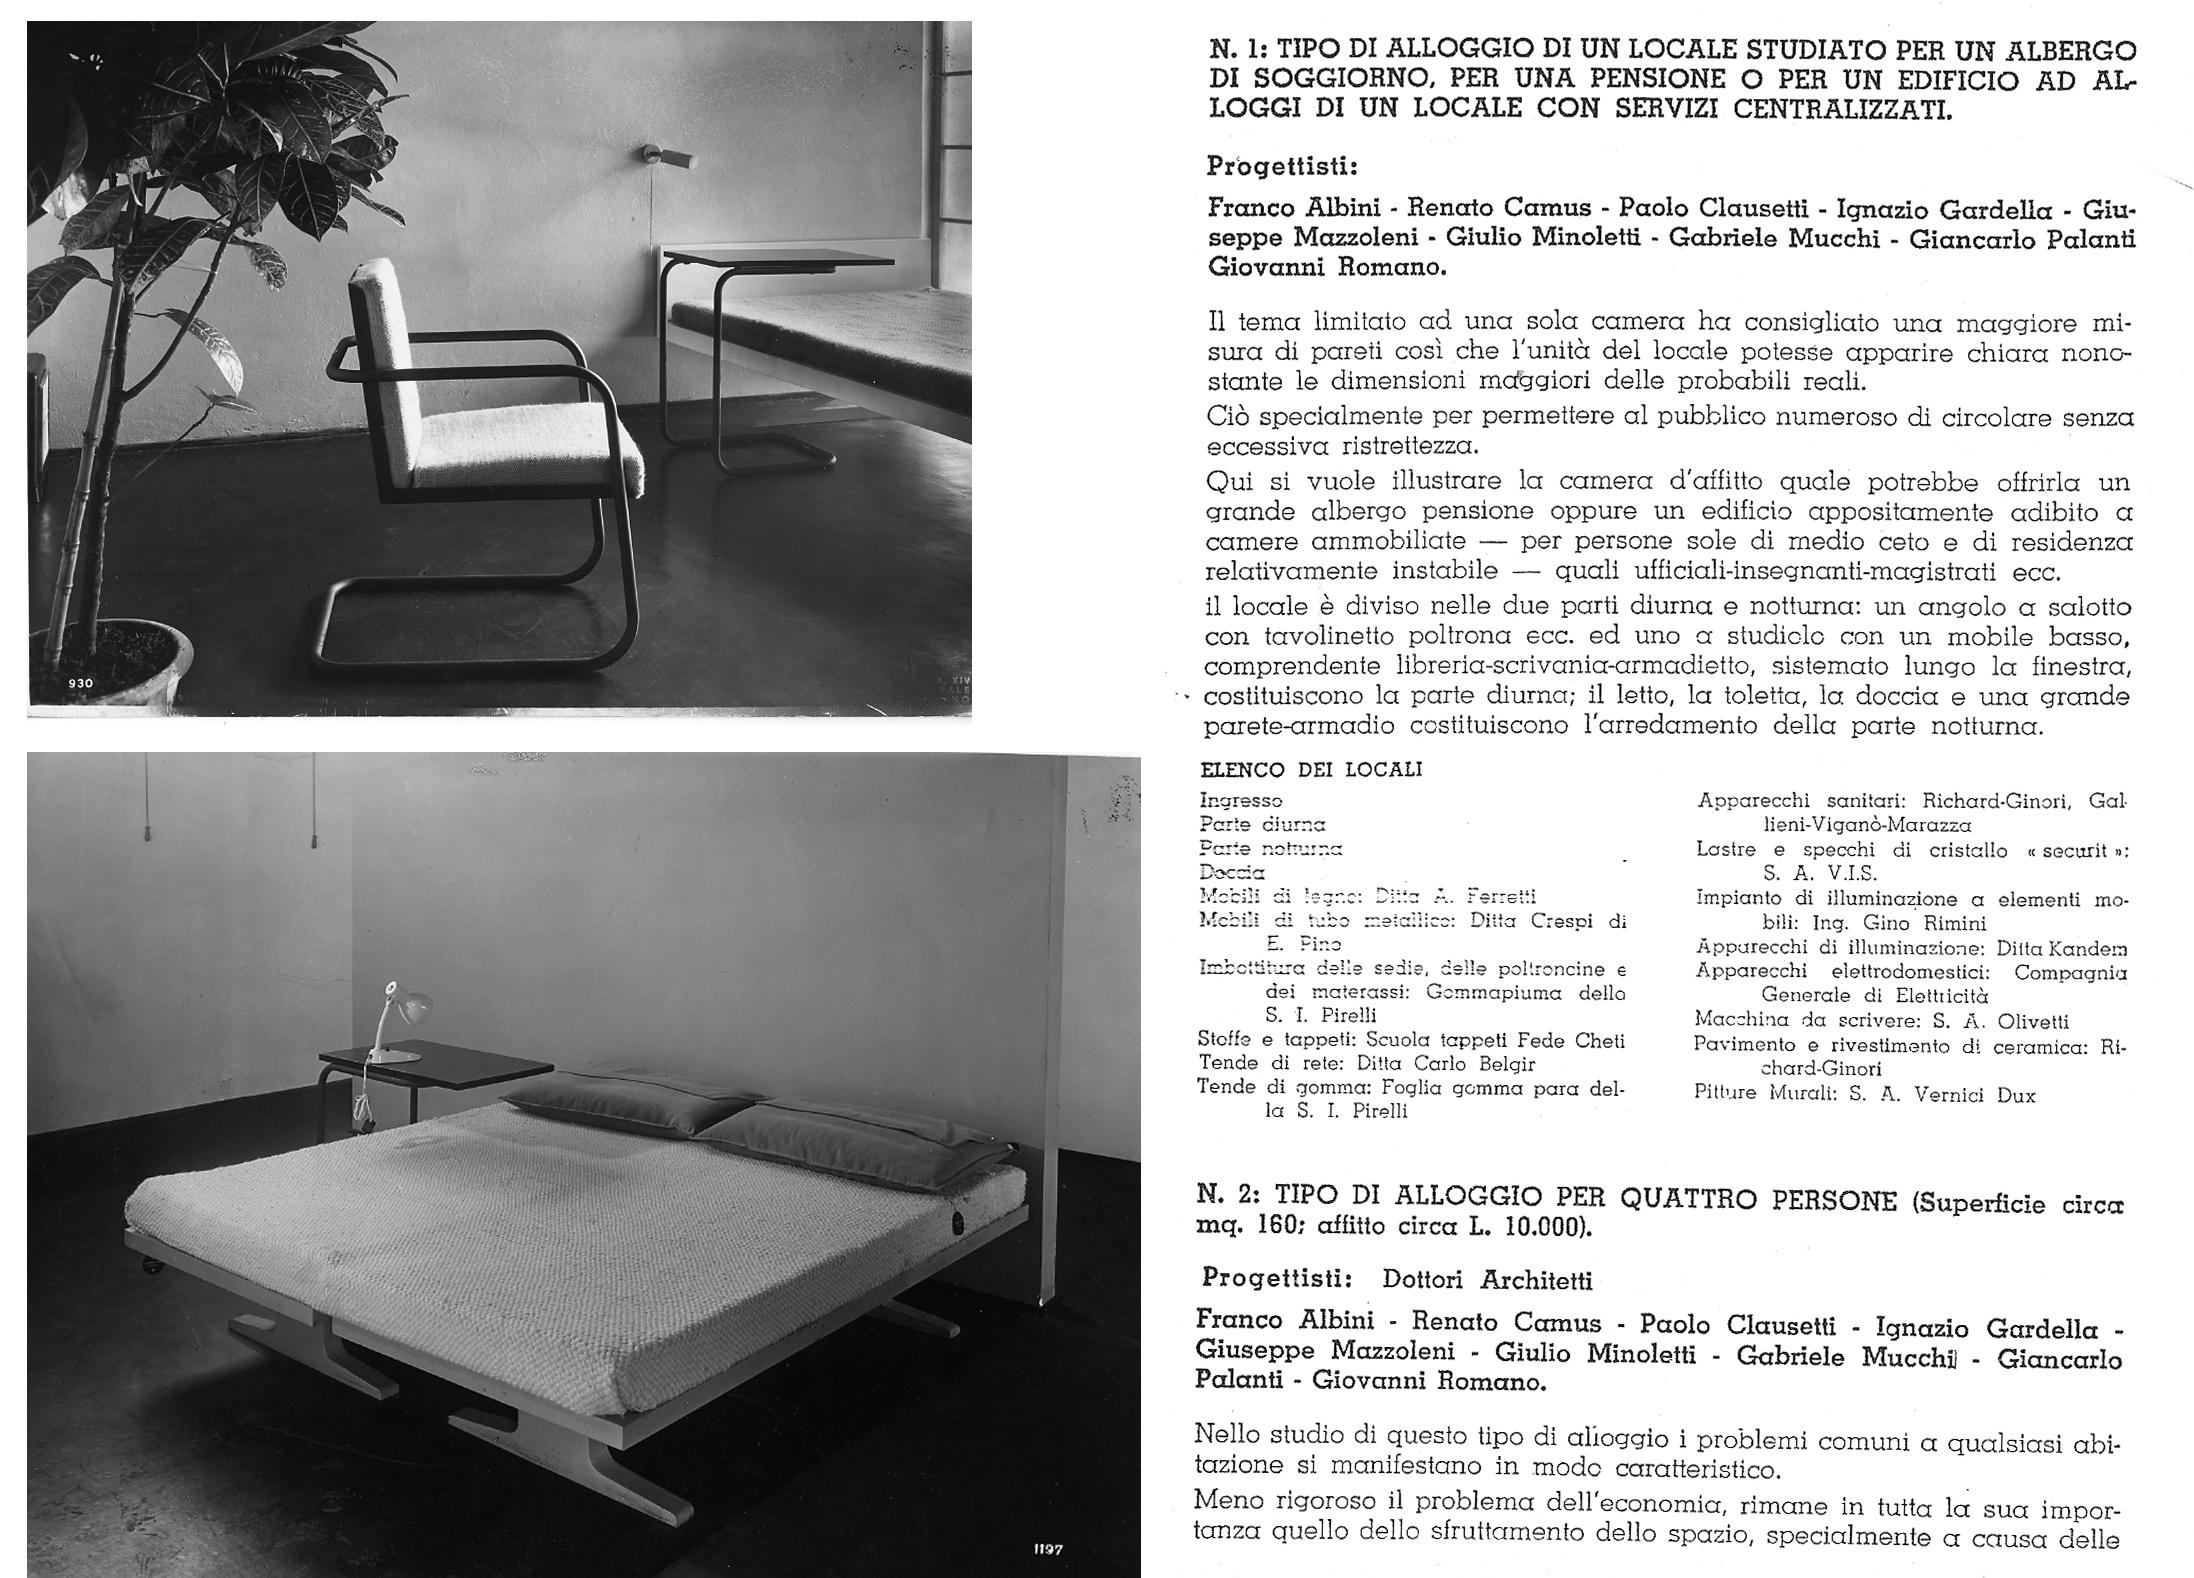 Rivestimenti Fede Cheti la Mostra dell'Abitazione. VI Triennale di Milano, 1936 (© Archivio fotografico Fondazione Franco Albini); Pagina del catalogo.